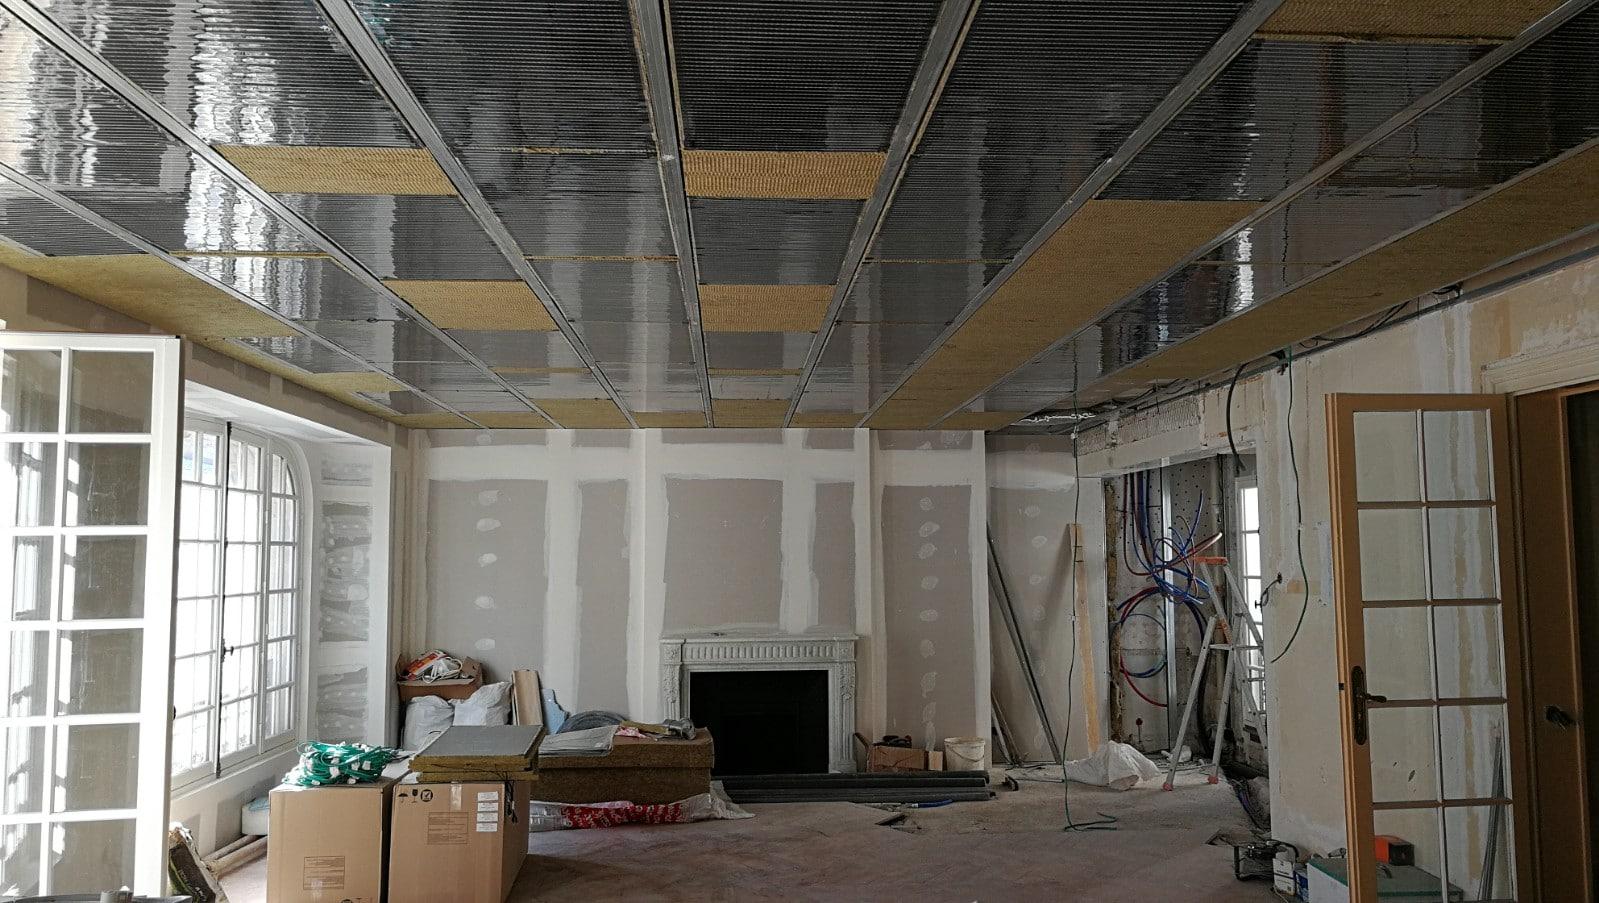 panotop chauffage lectrique au plafond de la soci t technolim. Black Bedroom Furniture Sets. Home Design Ideas